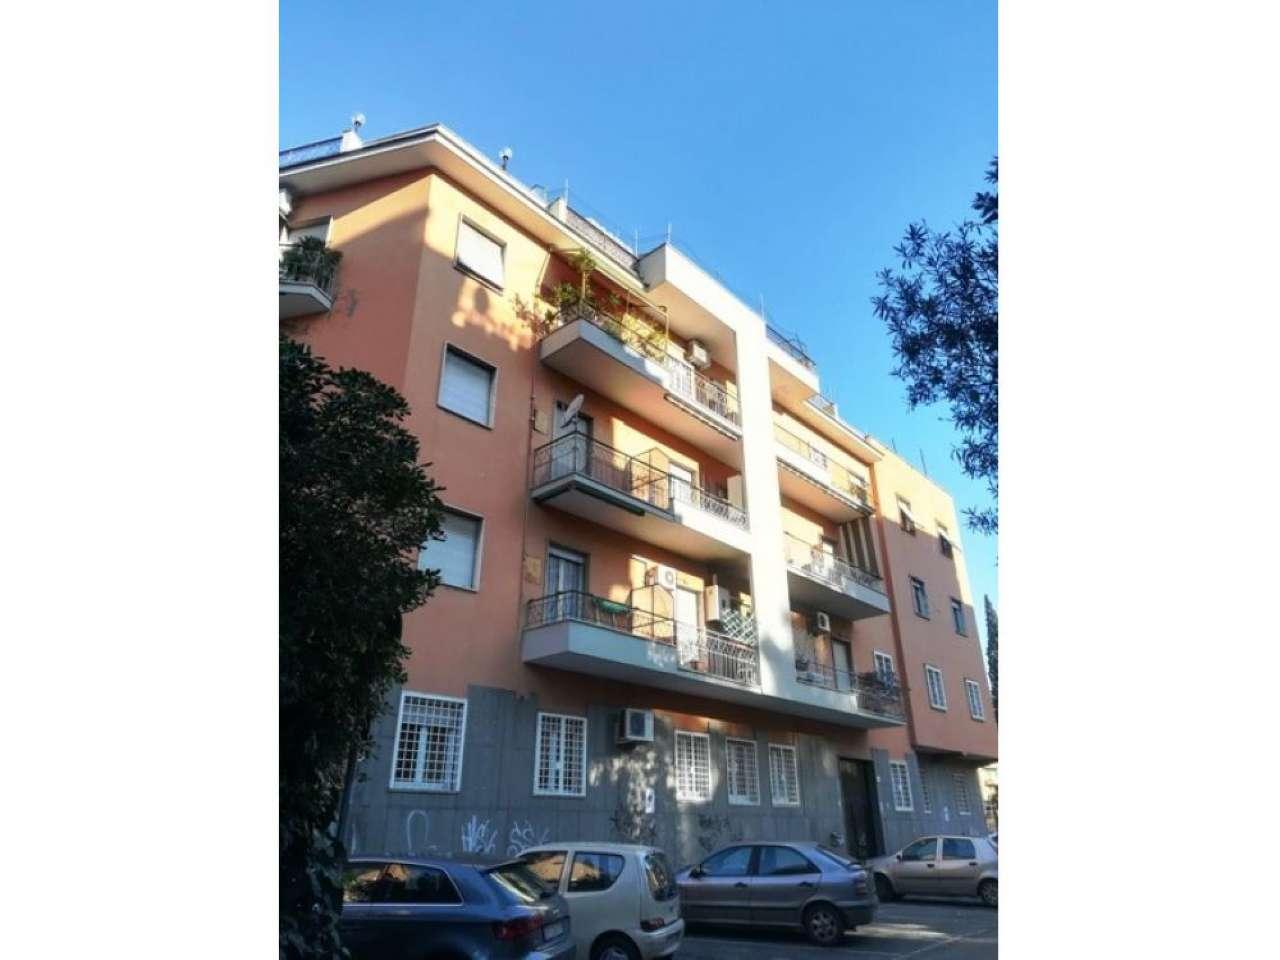 Appartamento in vendita a Roma, 2 locali, zona Zona: 5 . Montesacro - Talenti, prezzo € 259.000   CambioCasa.it